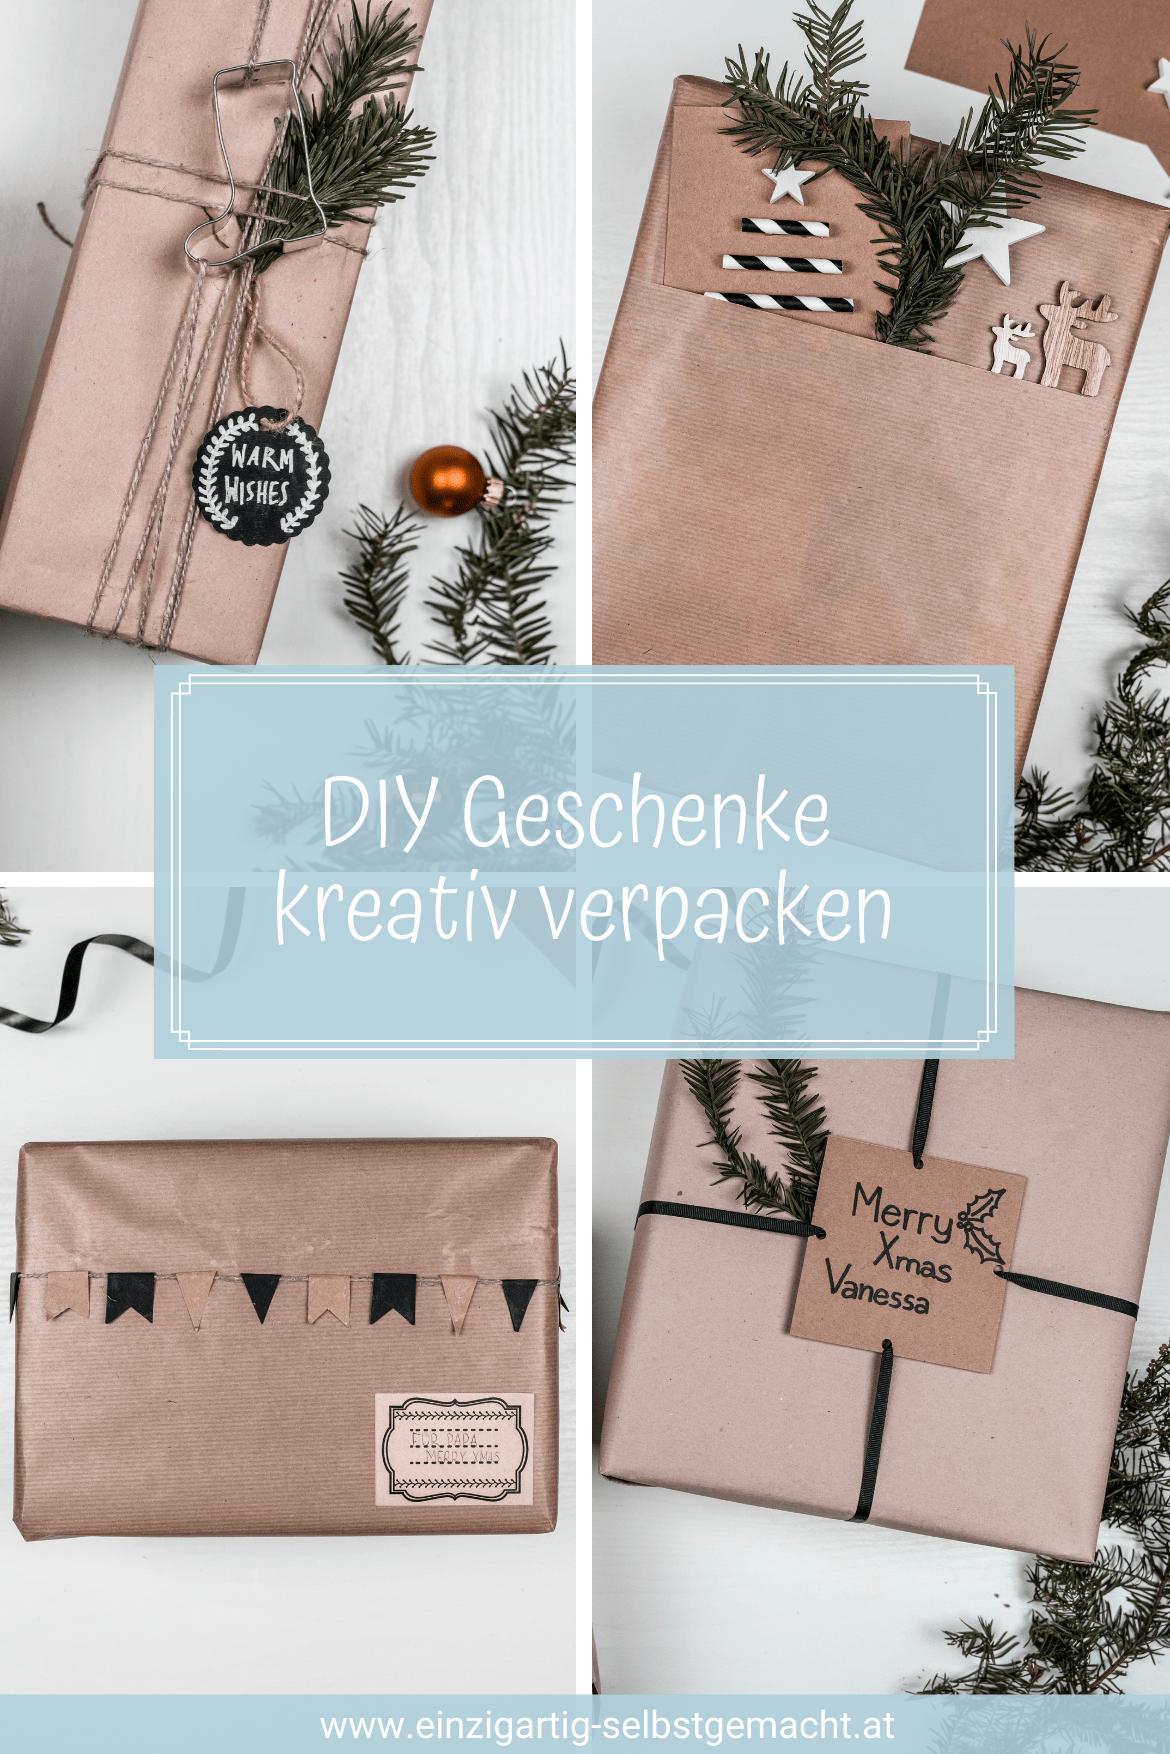 geschenke-weihnachten-verpacken